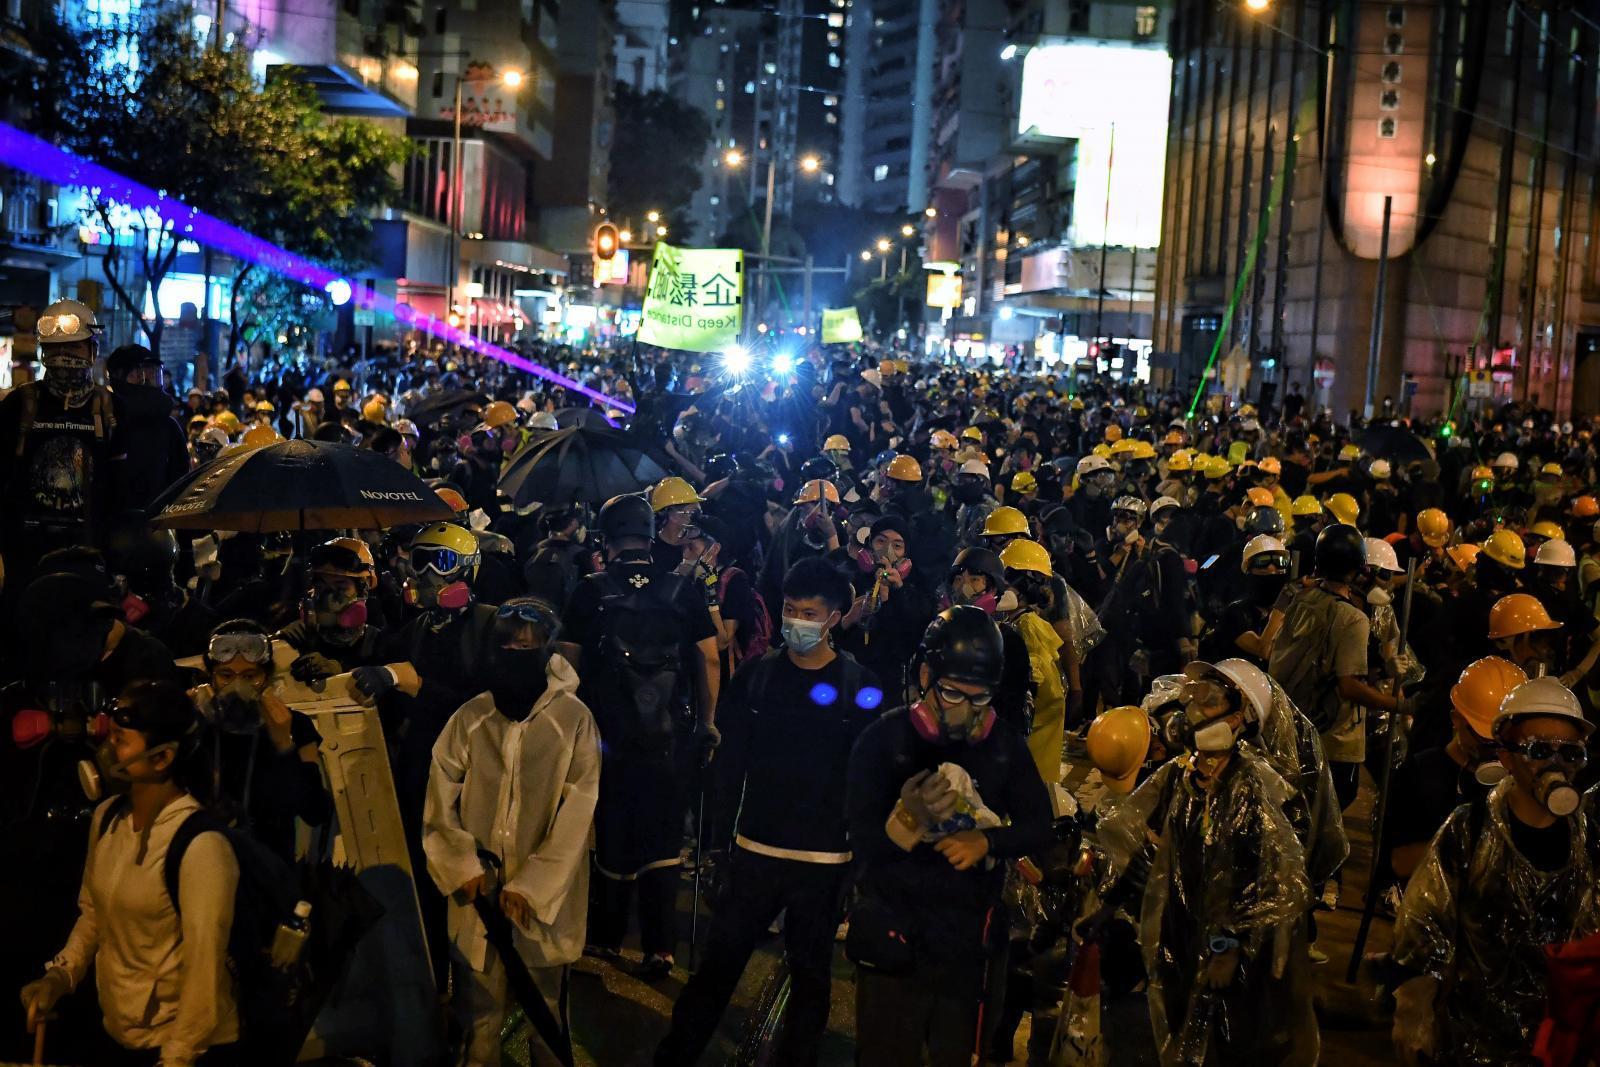 ประท้วงฮ่องกงยืดเยื้อข้ามคืน